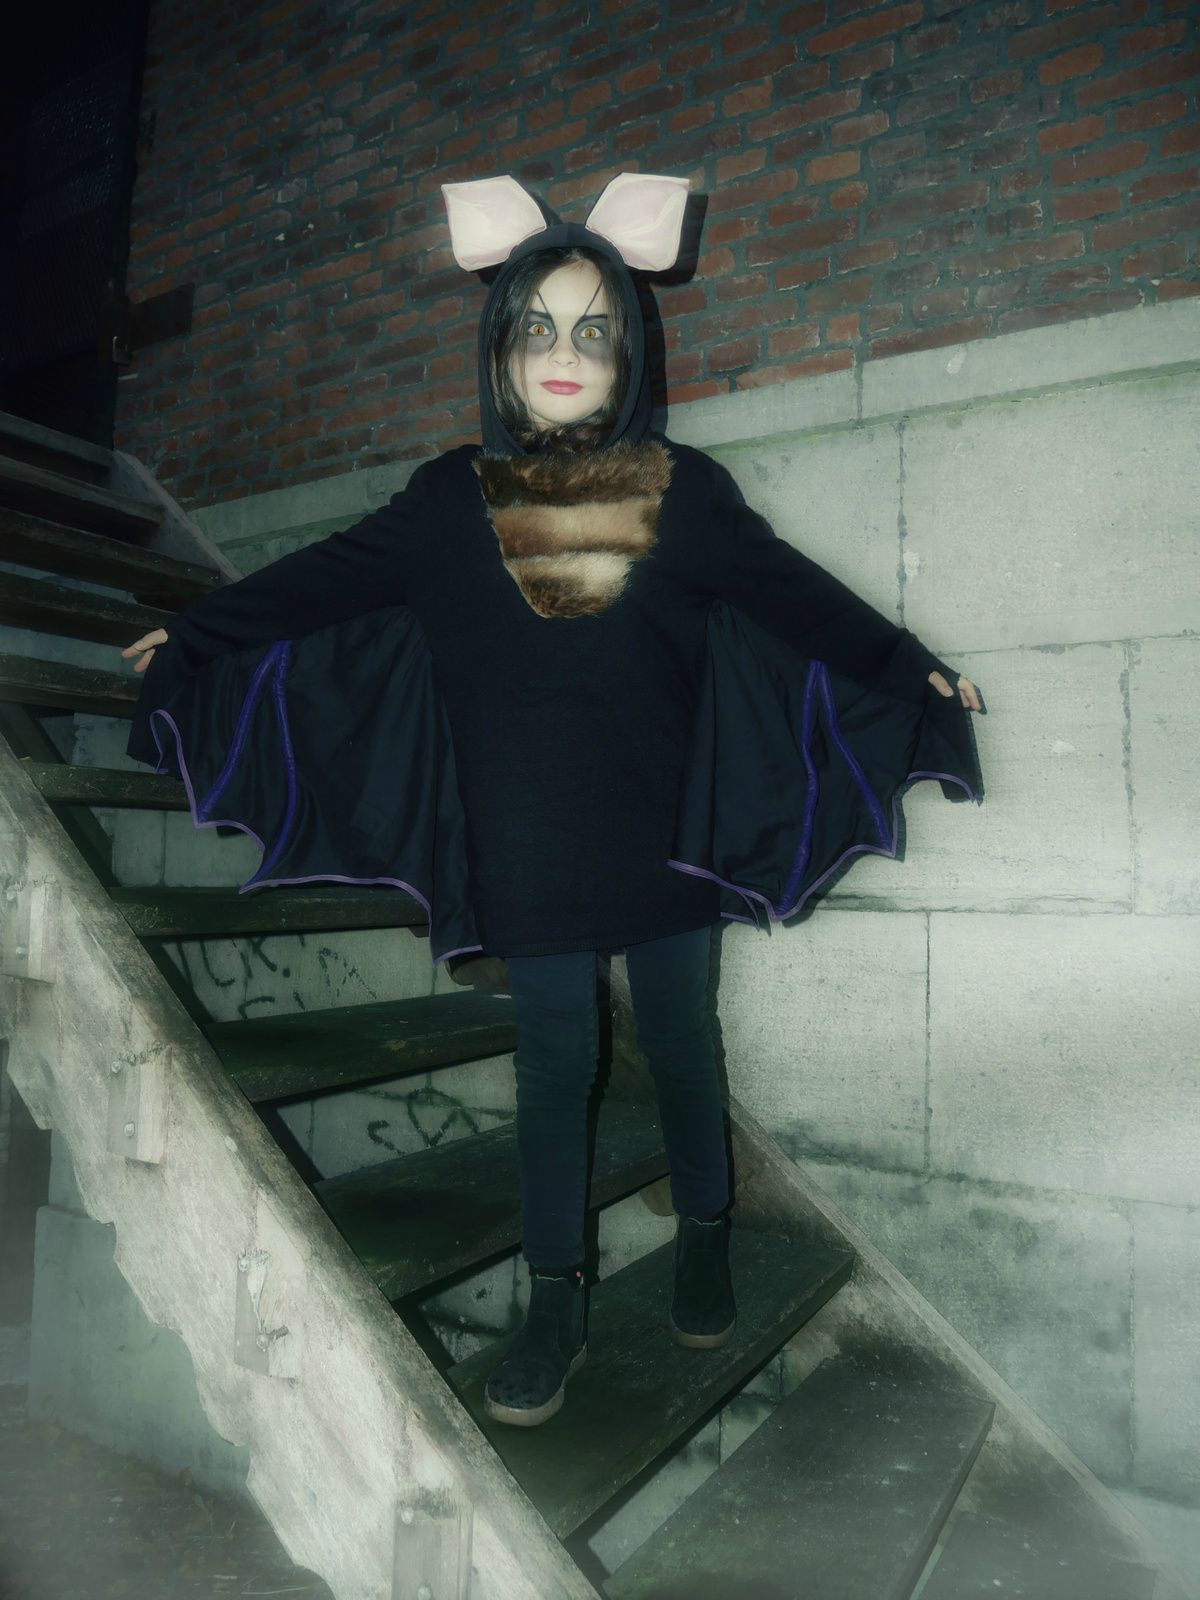 Flap flap flap, c'est Halloween!